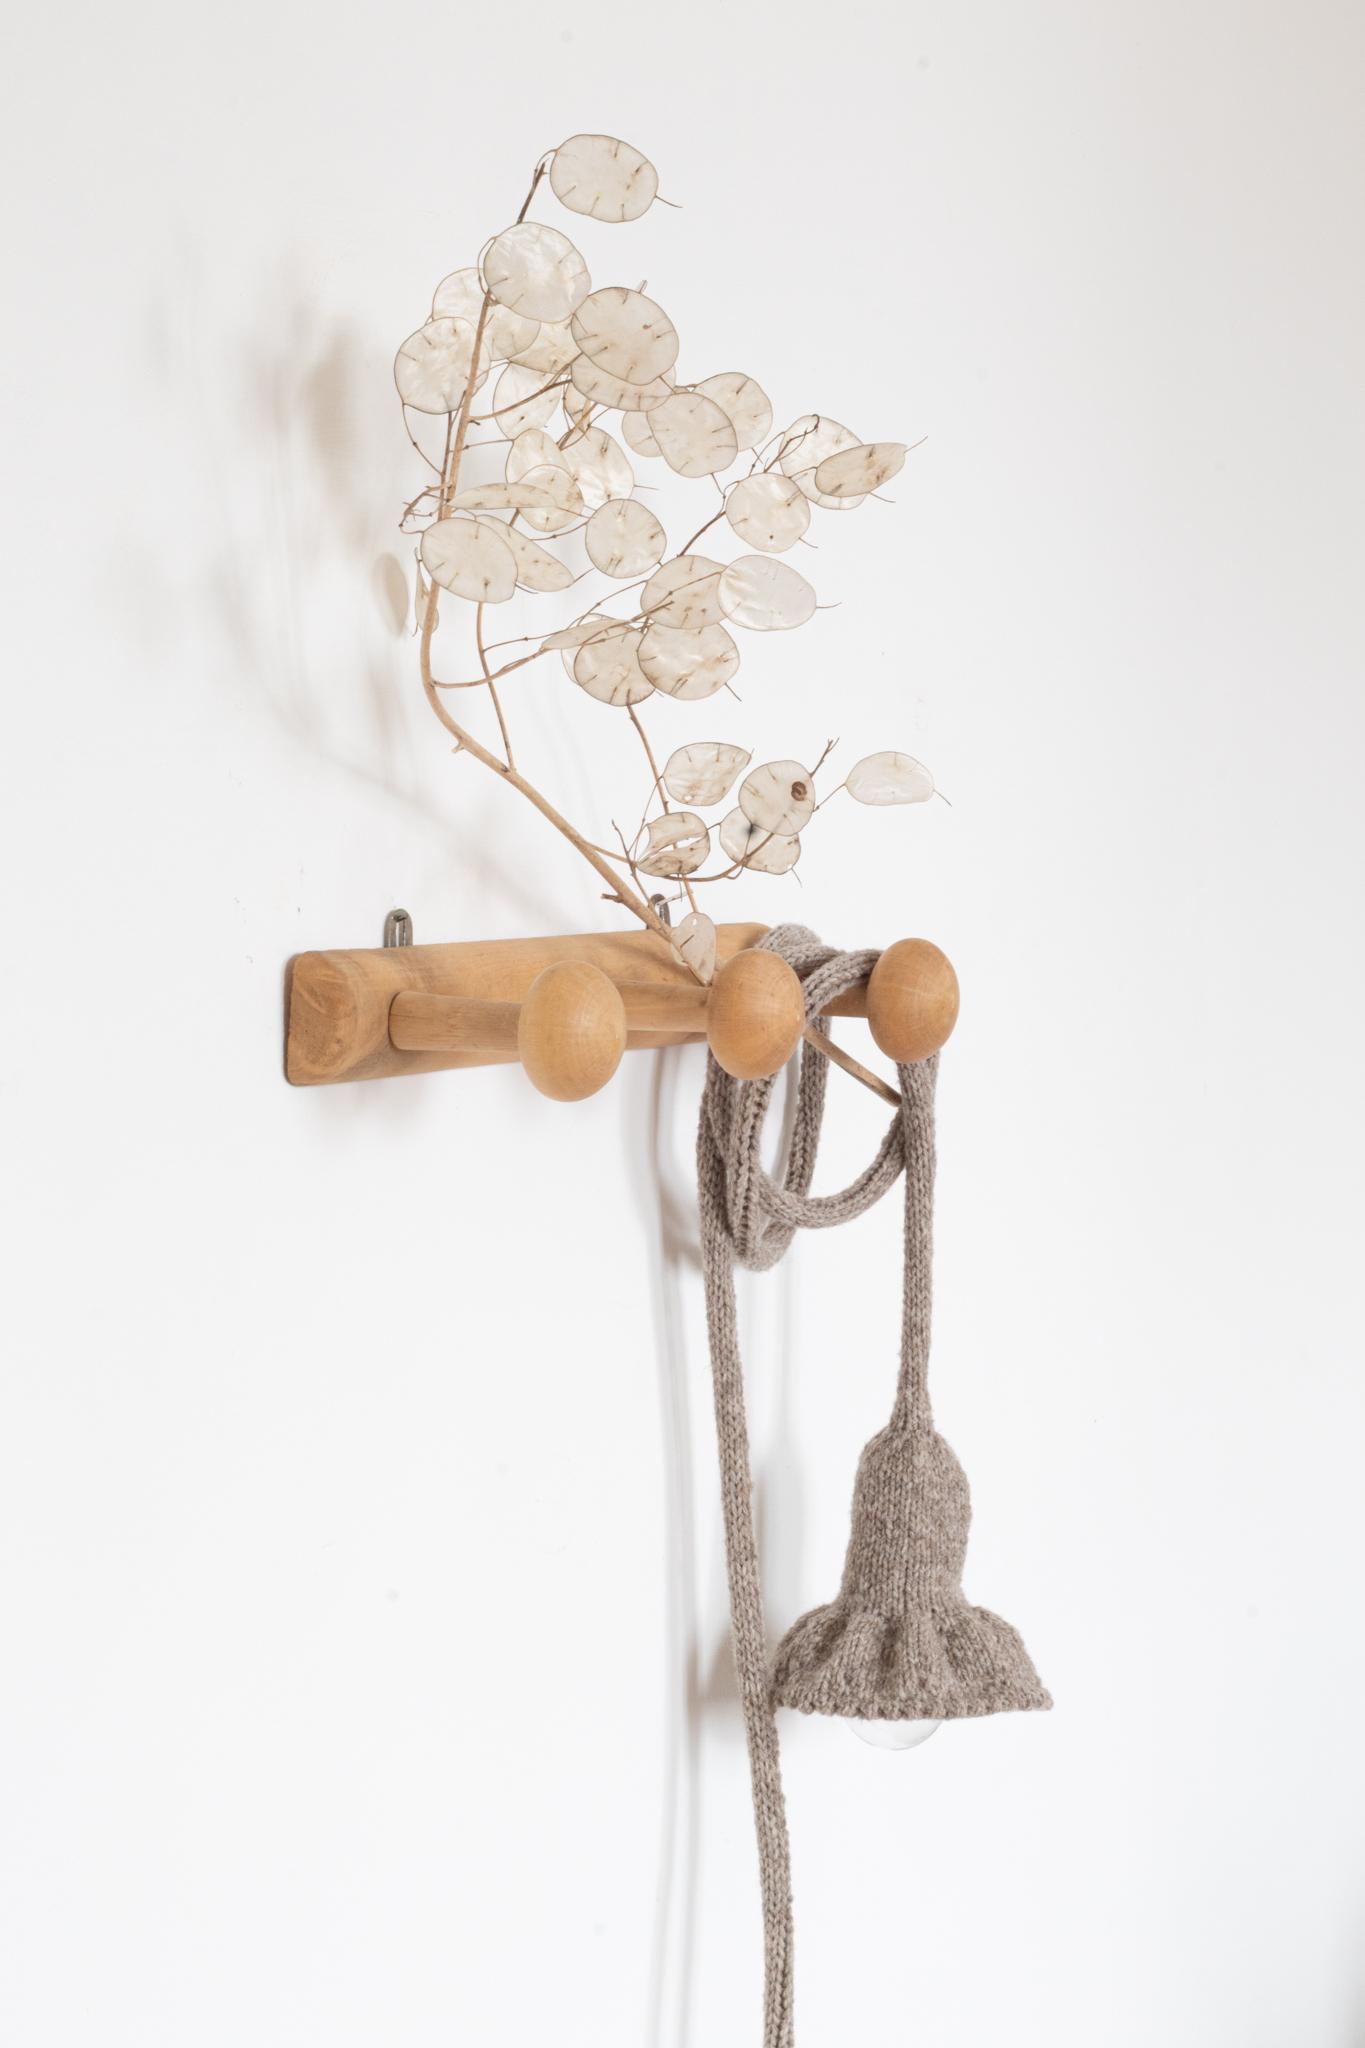 Patère vintage en bois brut avec ses trois accroches rondes. Lampe baladeuse collerette présentée sur la photo. Création Trendy Little